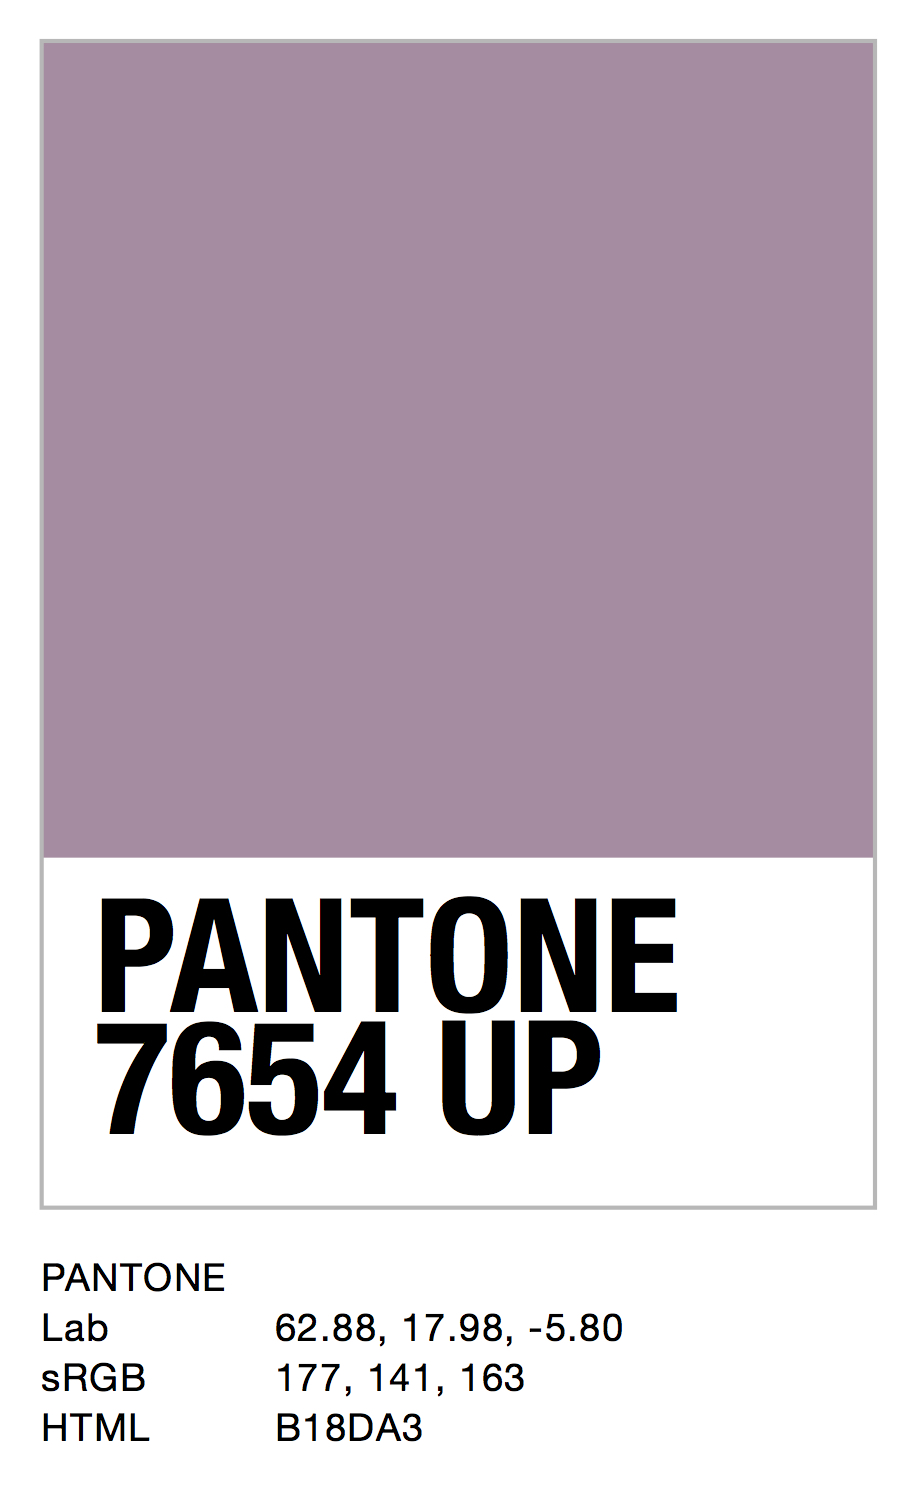 PANTONE 7654 UP.jpg